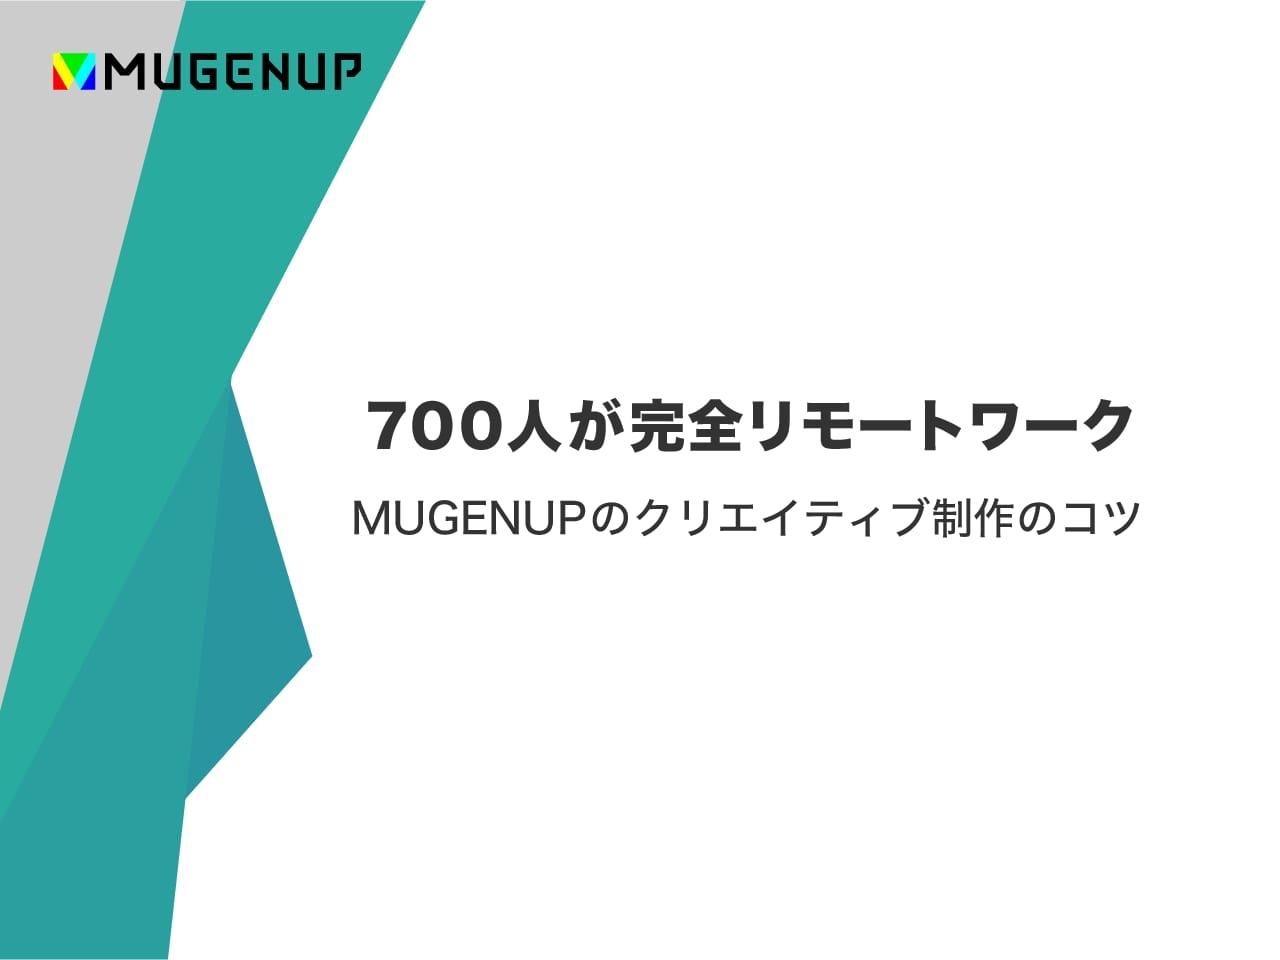 「700人 が 完全リモートワーク」MUGENUP のクリエイティブ制作のコツ